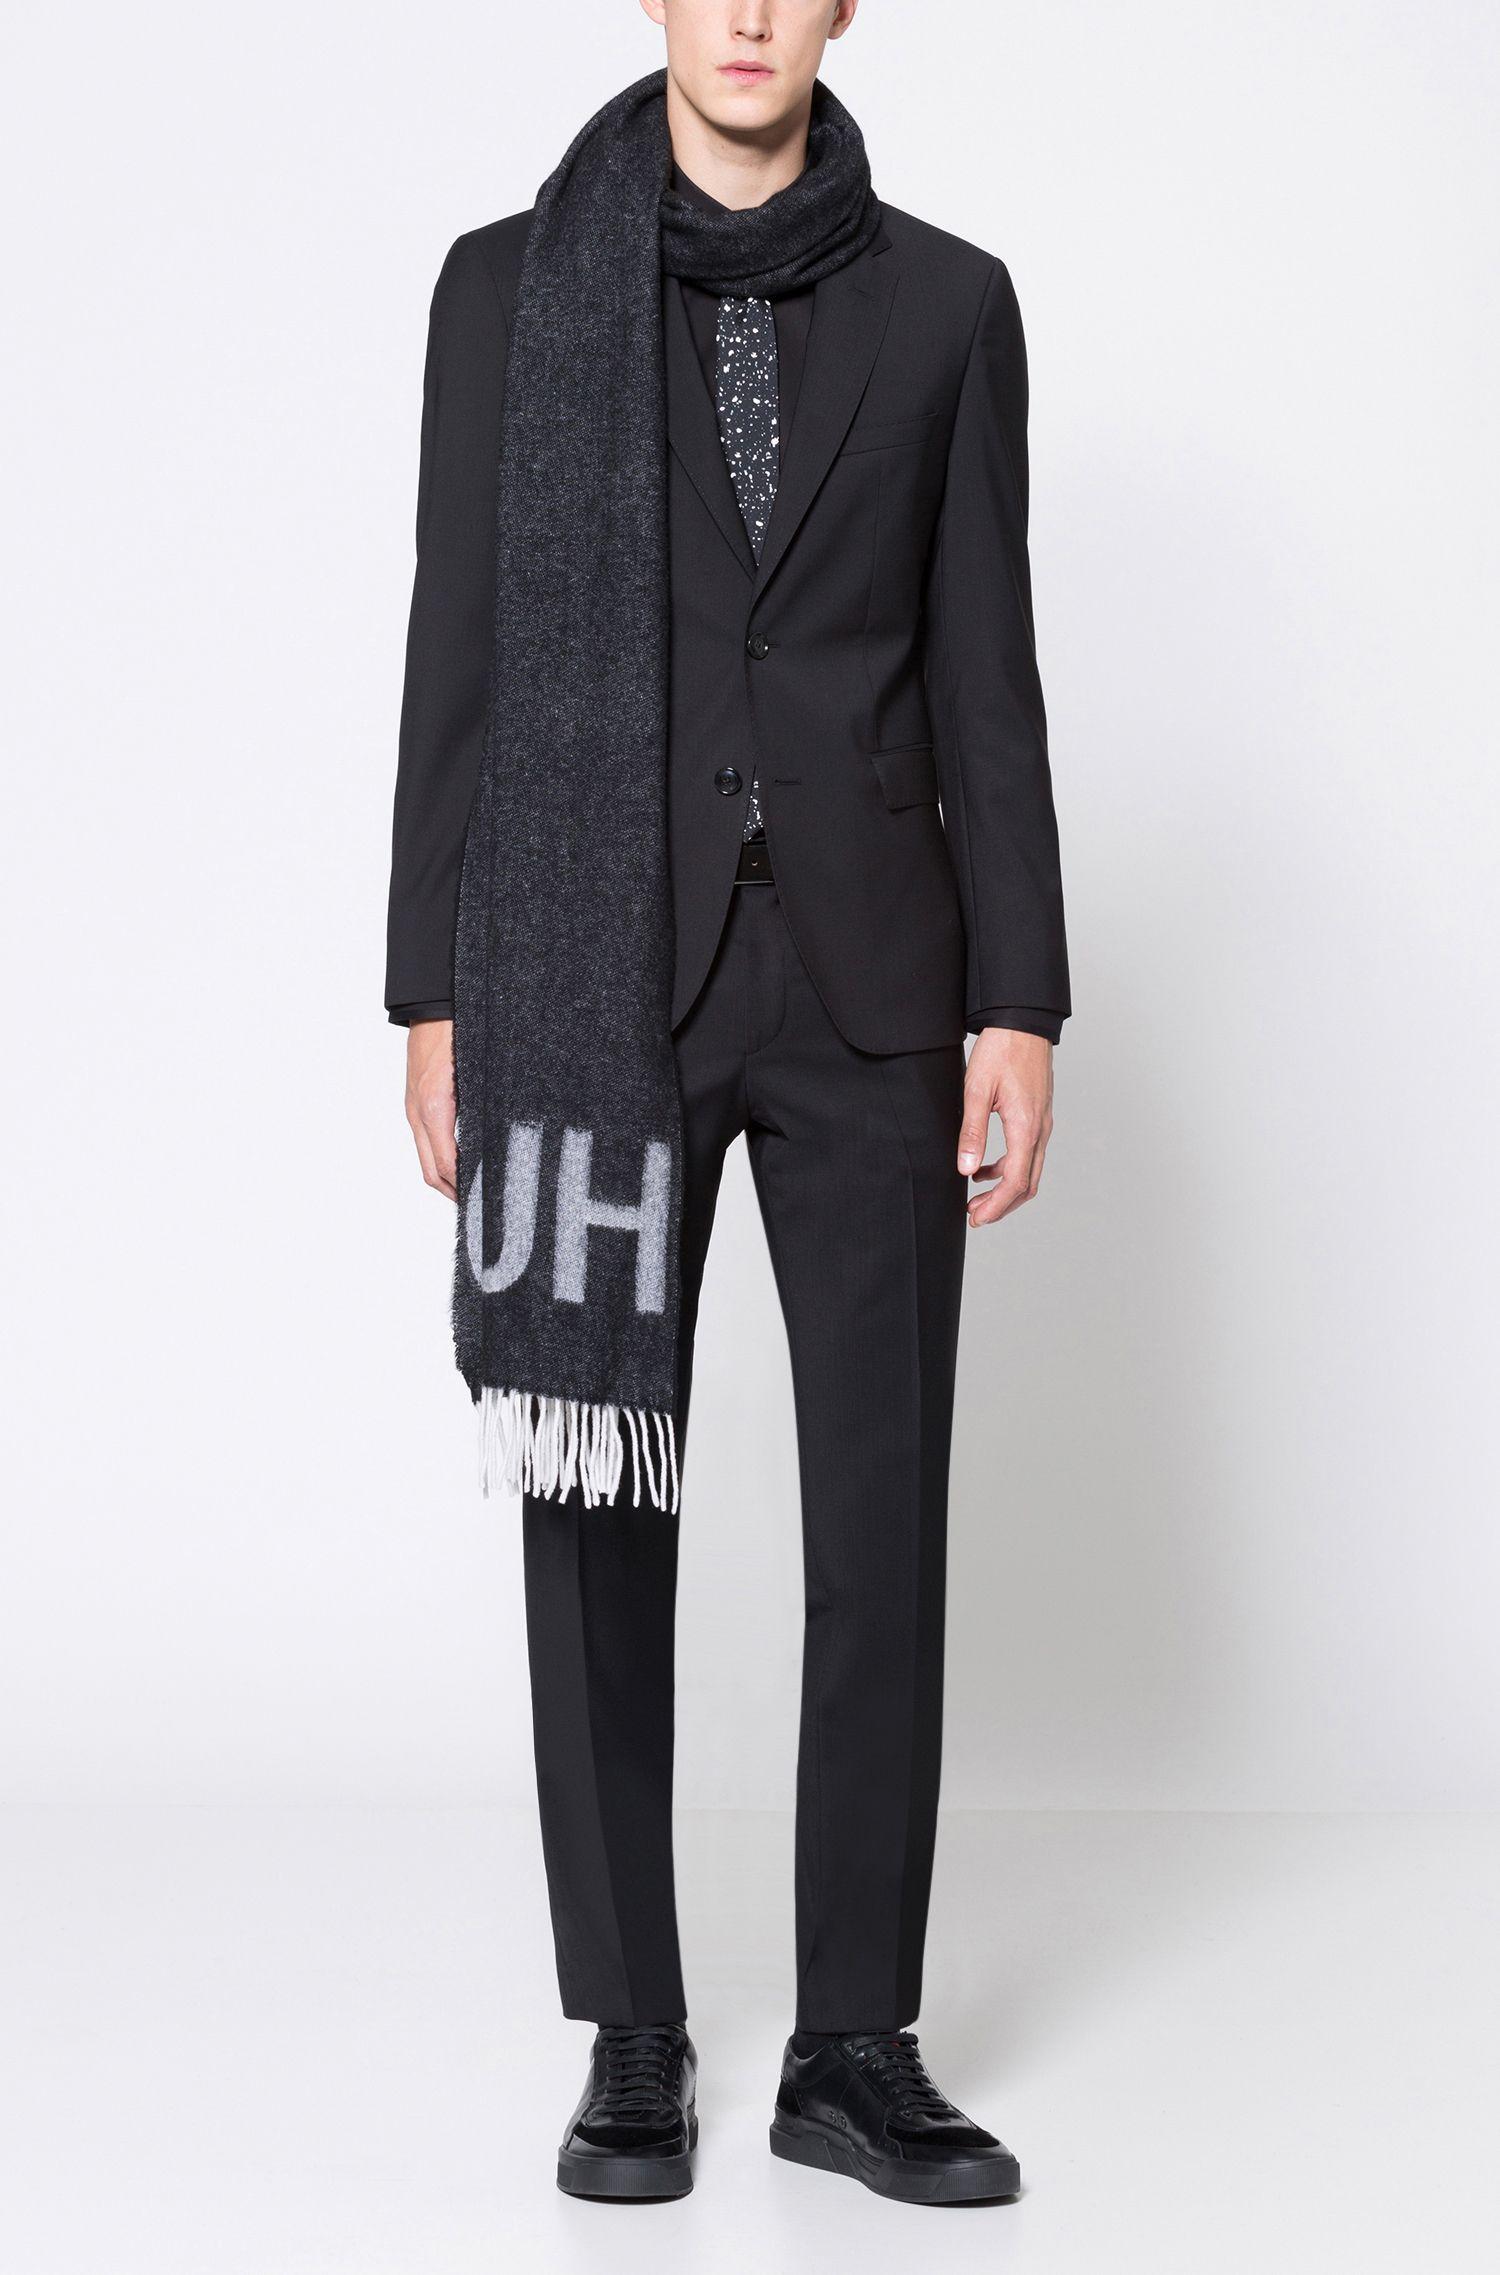 Reverse-logo scarf in a wool blend